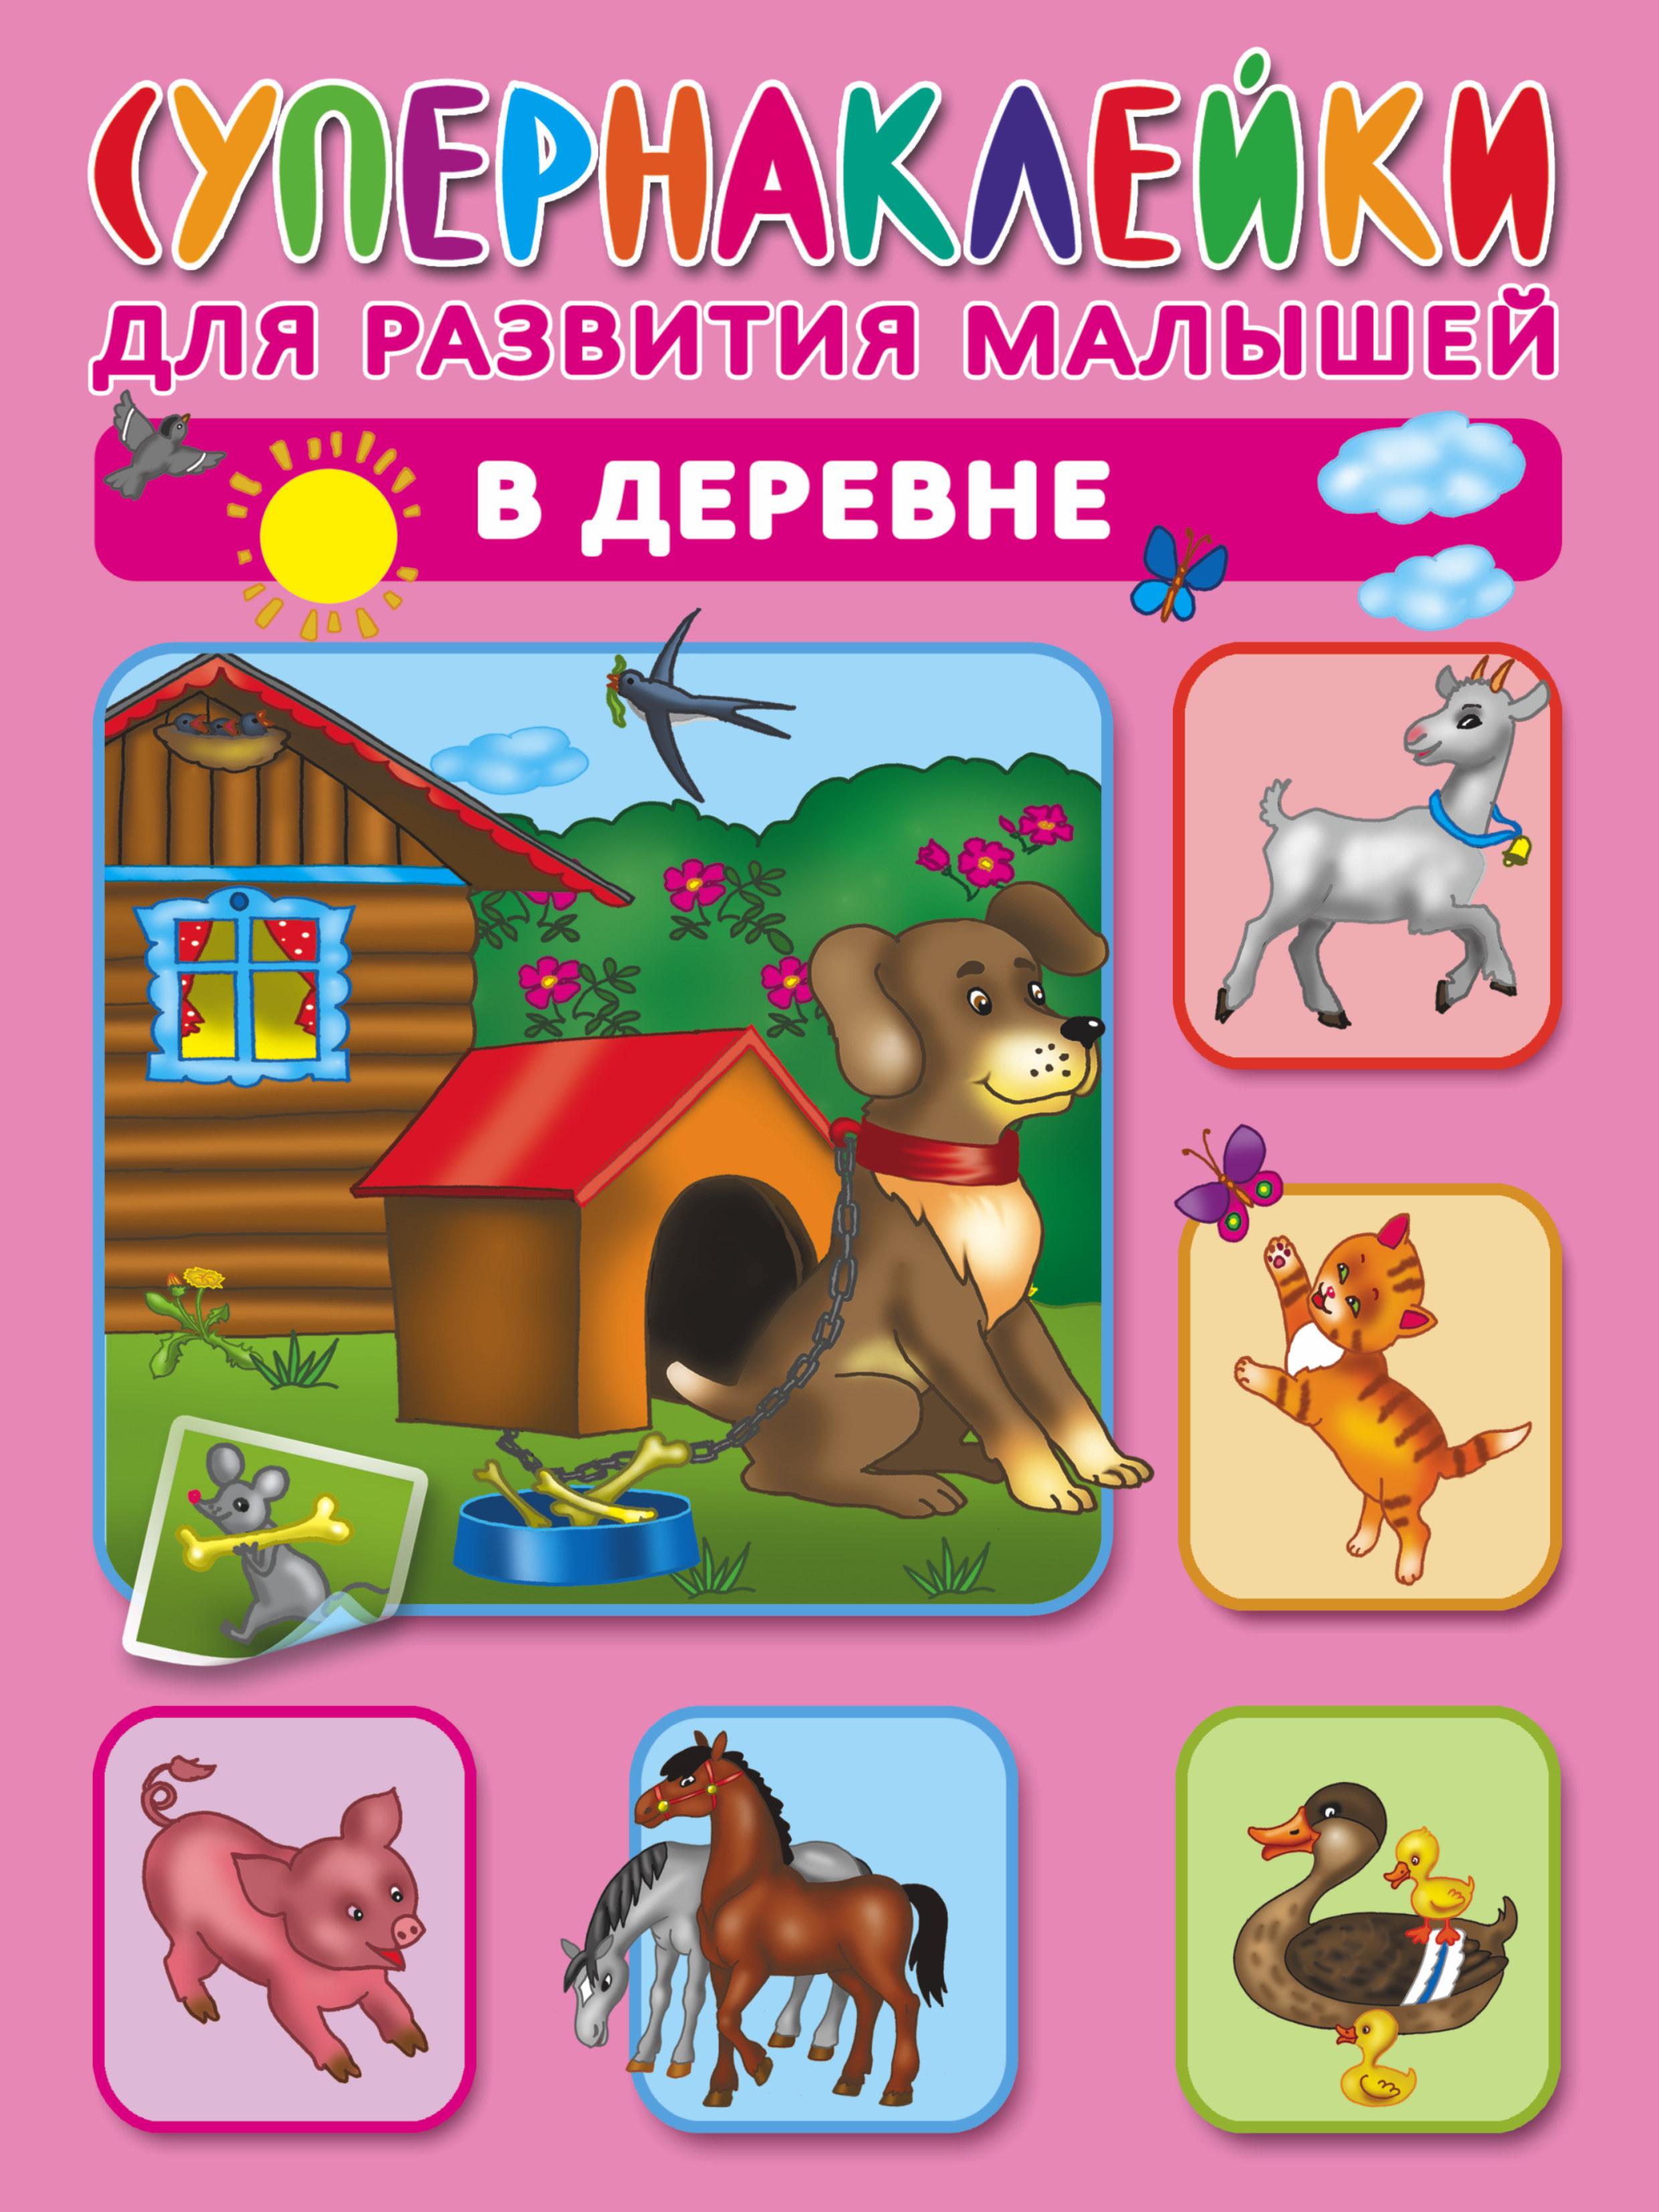 Читать про секс в деревне 3 фотография